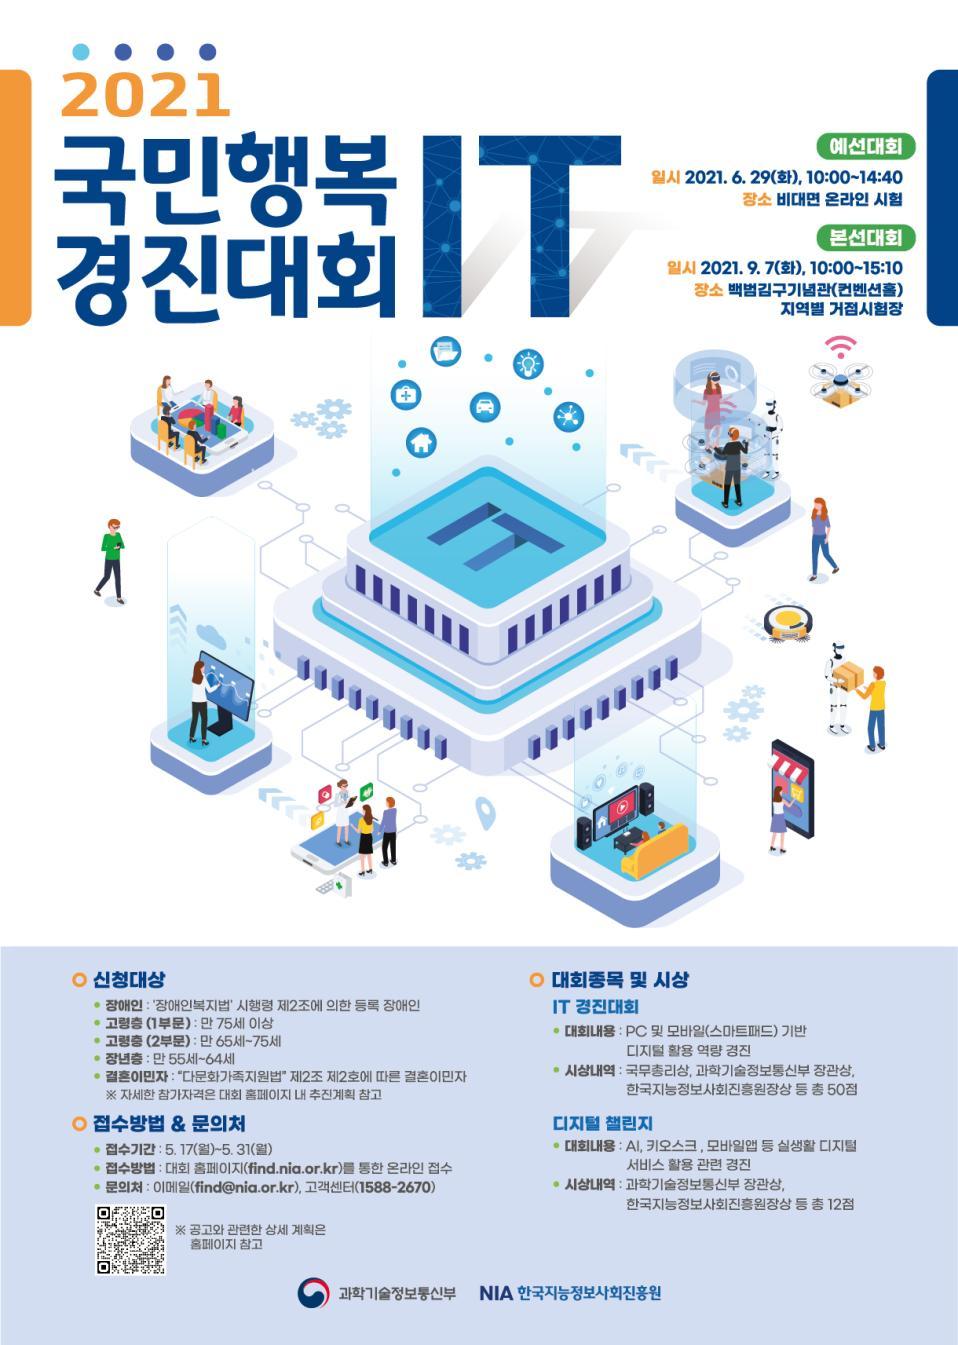 국민행복 IT 경진대회